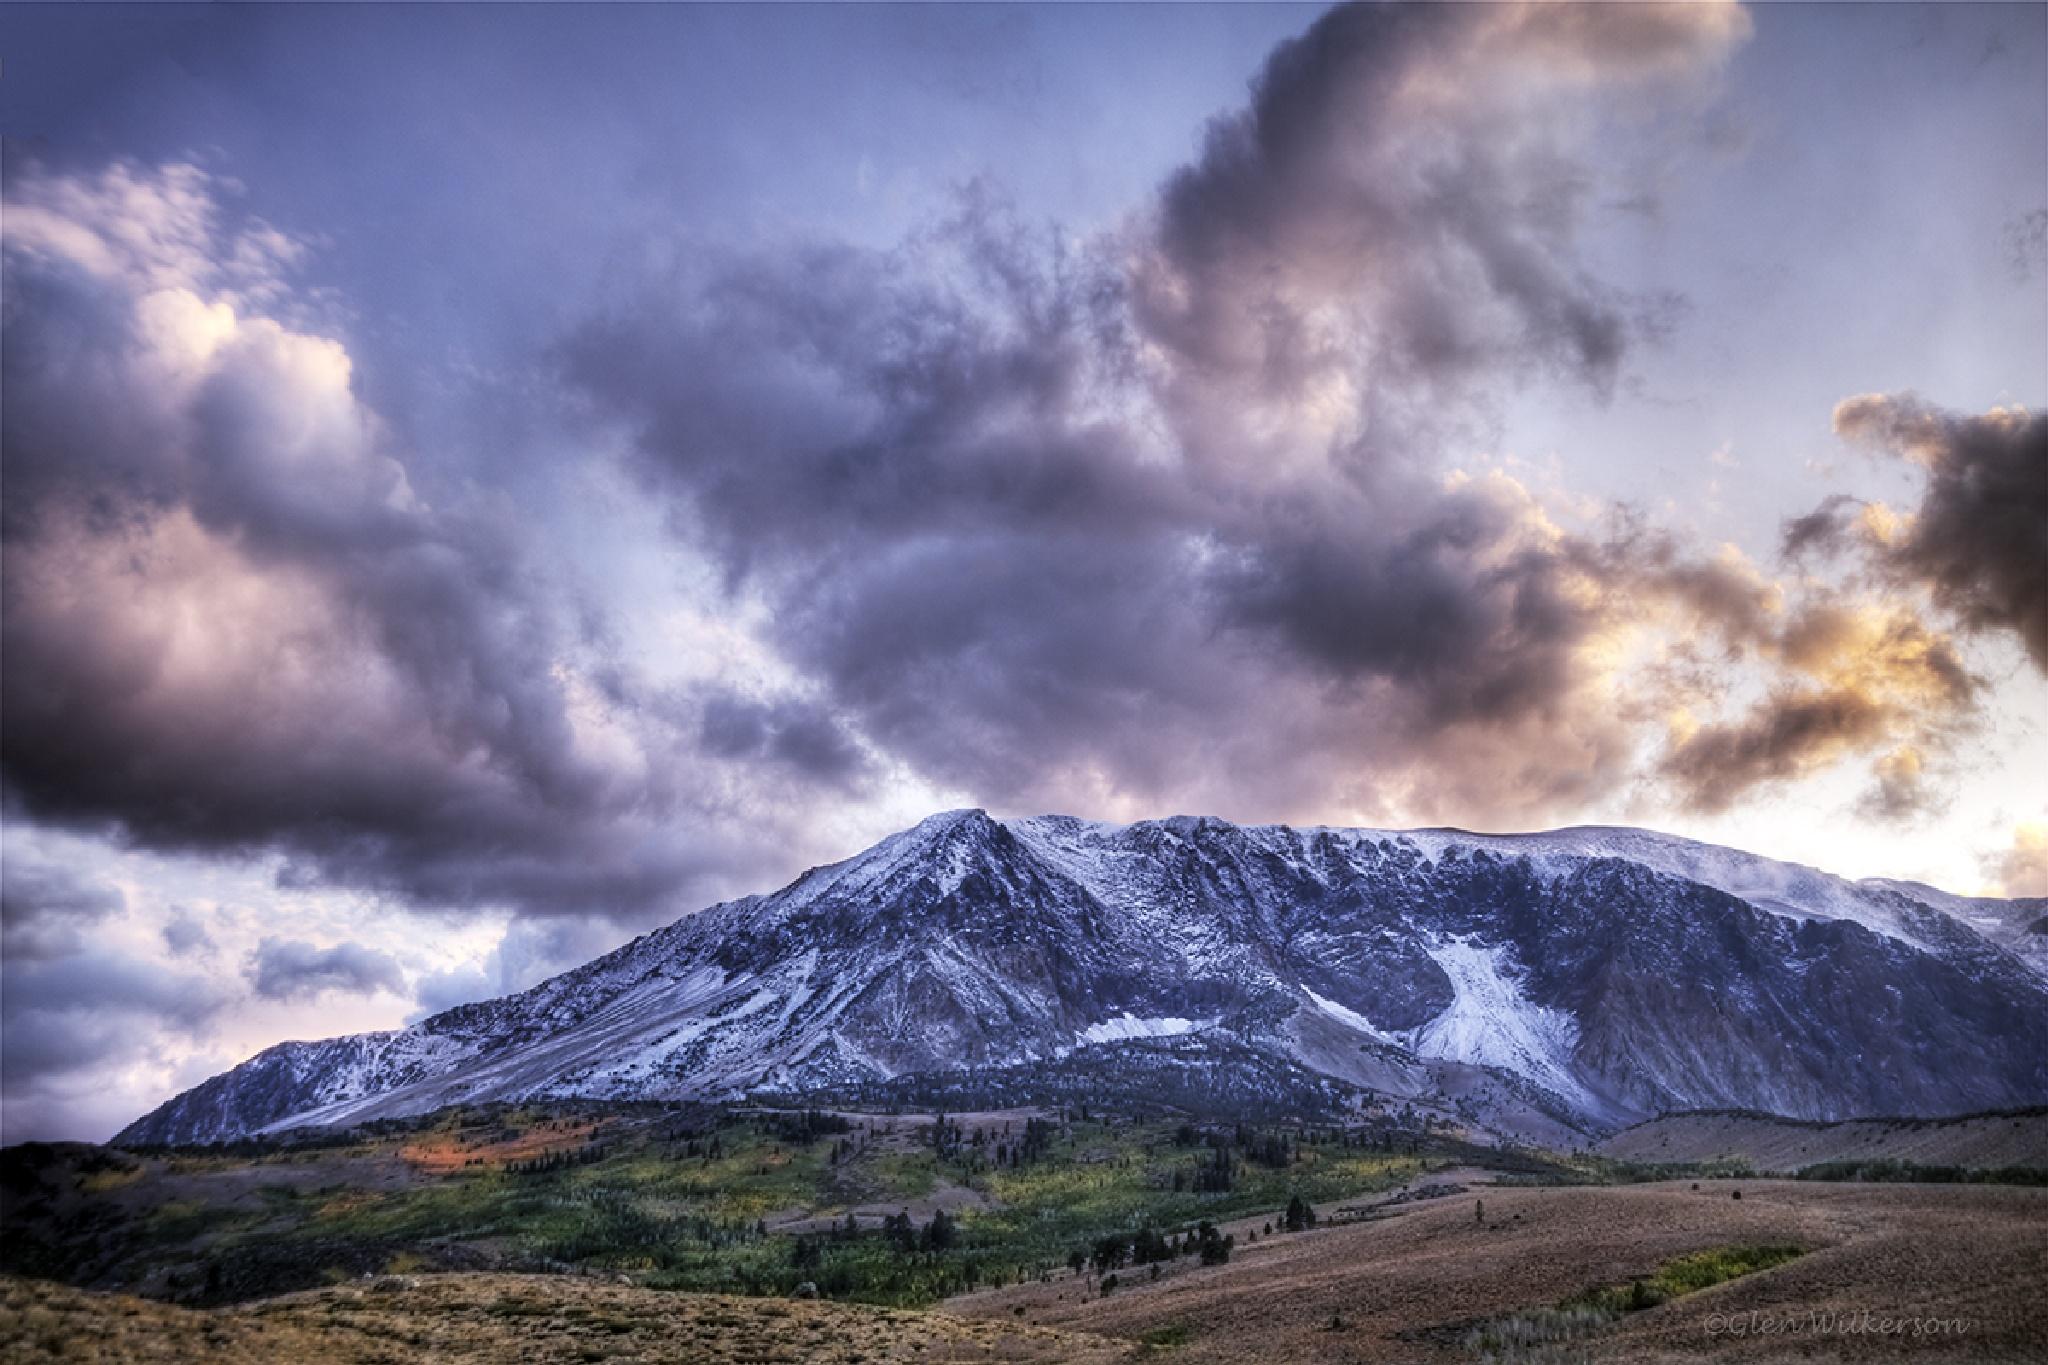 Sierra Range by Glen Wilkerson